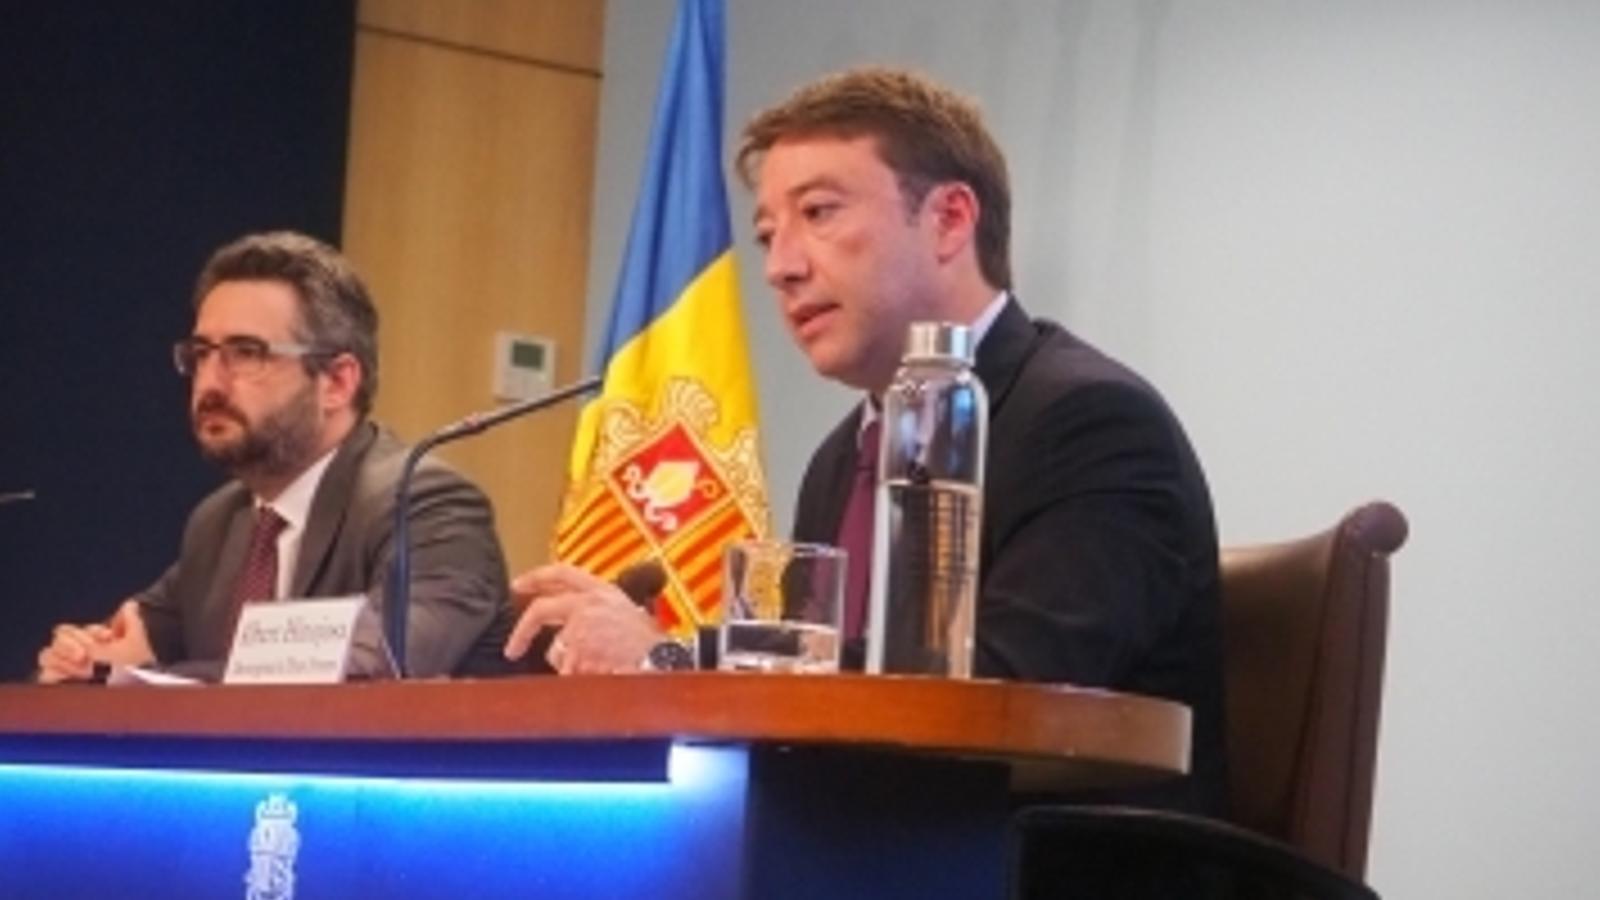 El ministre de Finances, Eric Jover, i el director general de Tributs i Fronteres, Albert Hinojosa, durant la roda de premsa d'aquest dilluns